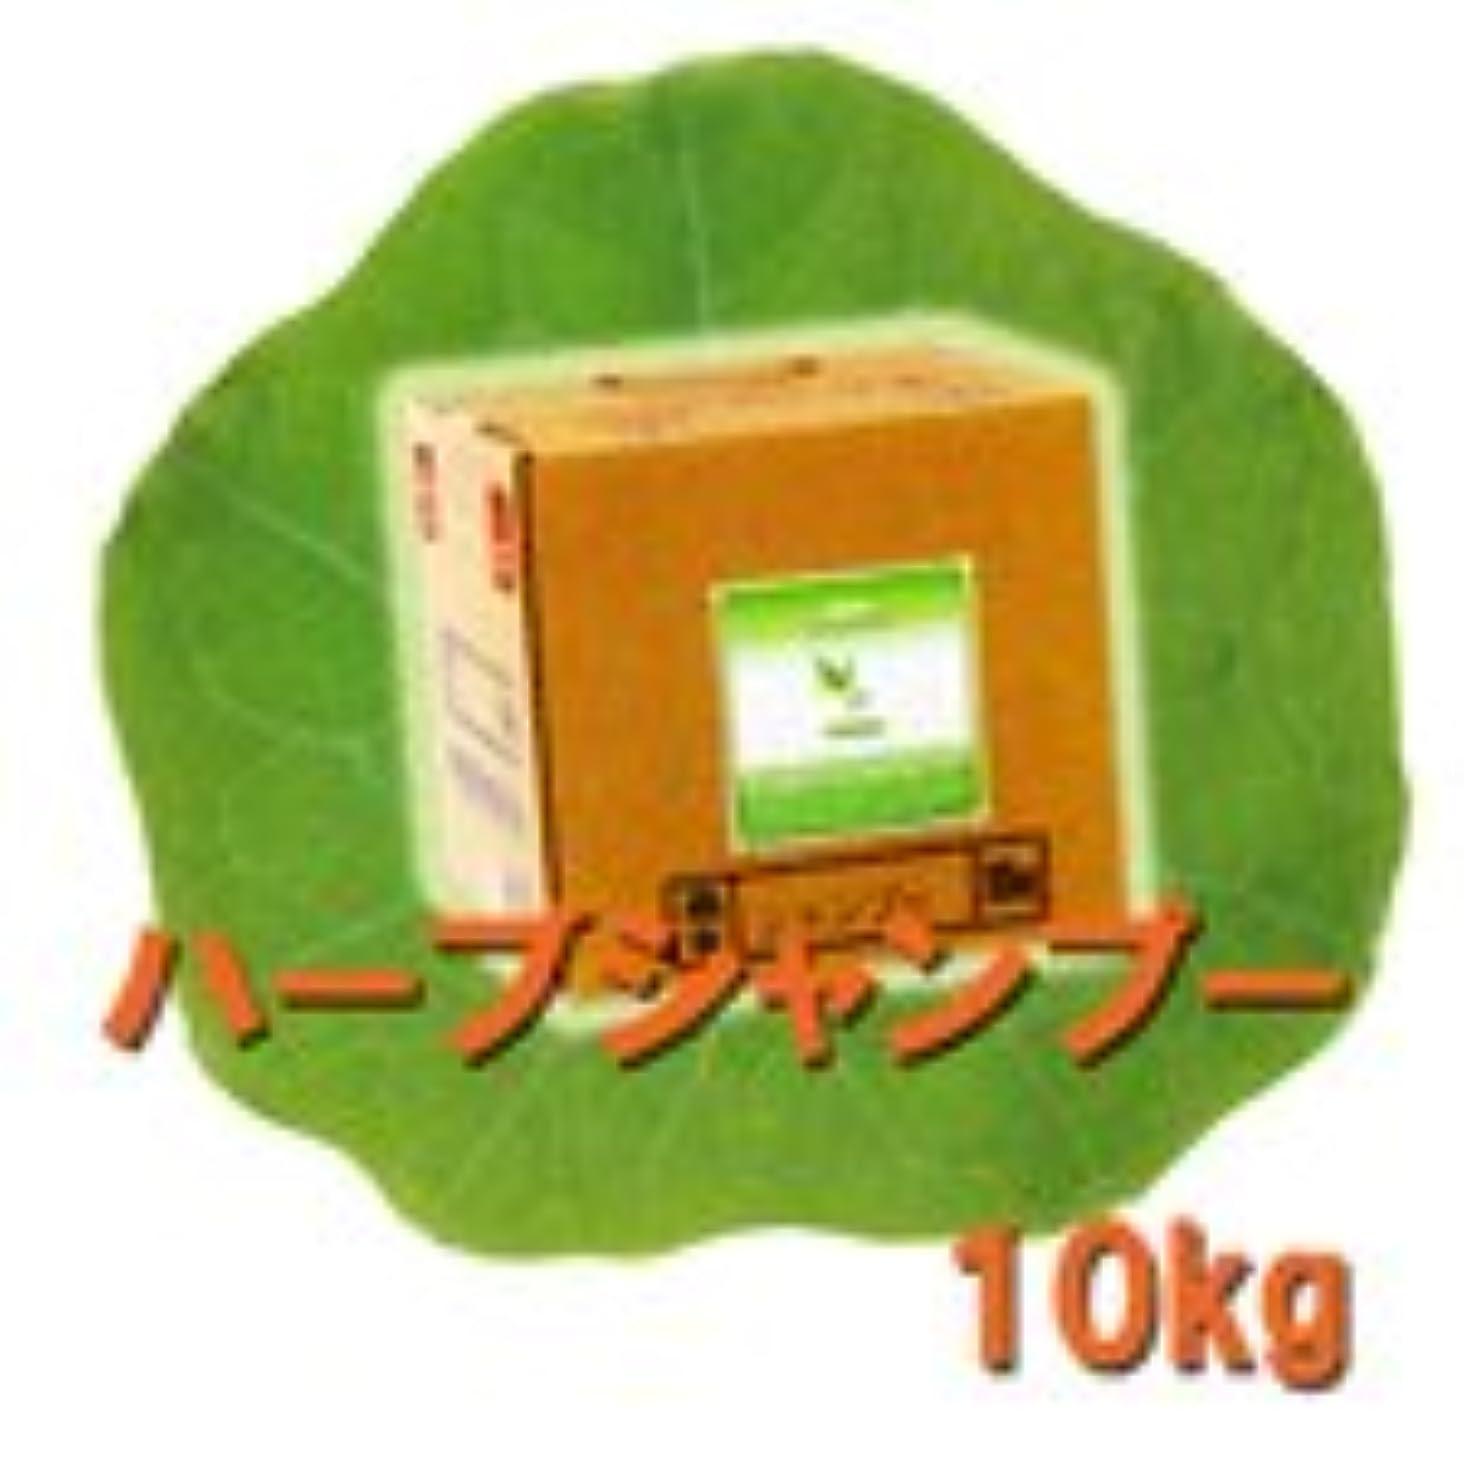 季節匿名欲求不満中央有機化学 ハーブシリーズ ハーブシャンプー 10kg